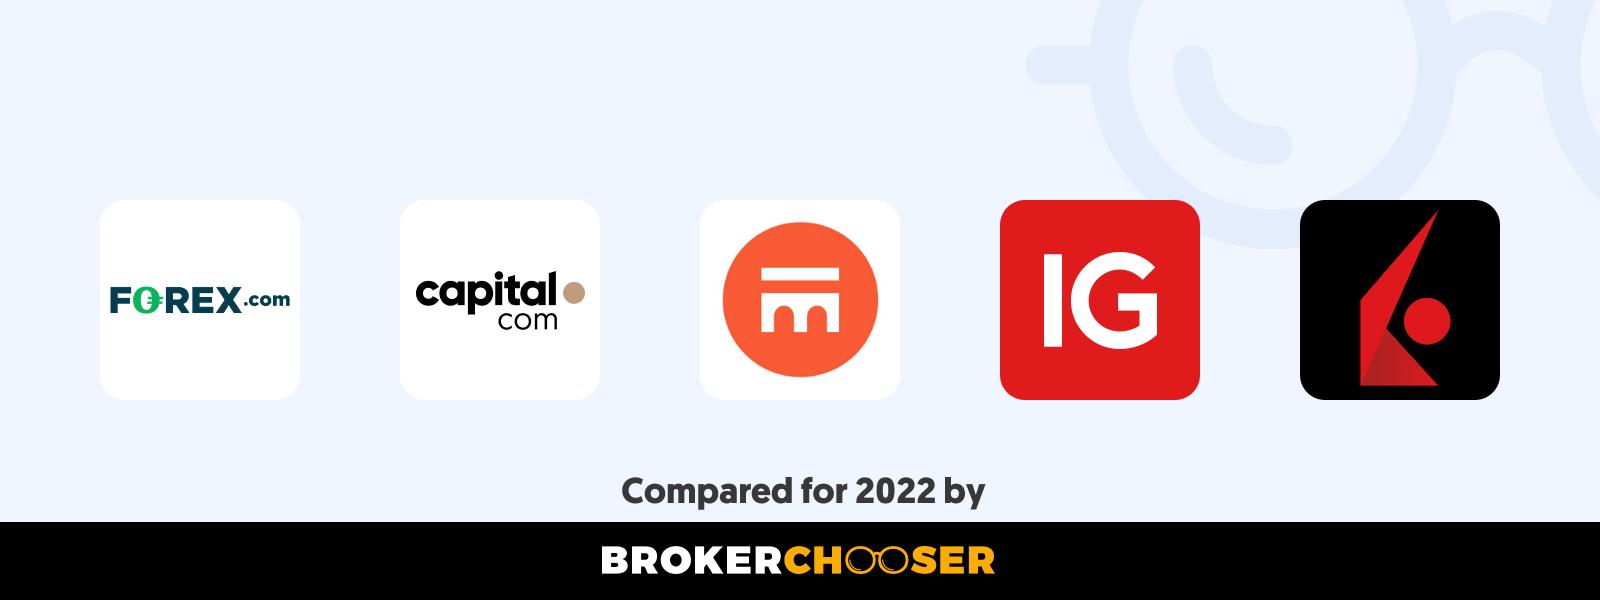 Best forex brokers for beginners in El Salvador in 2021